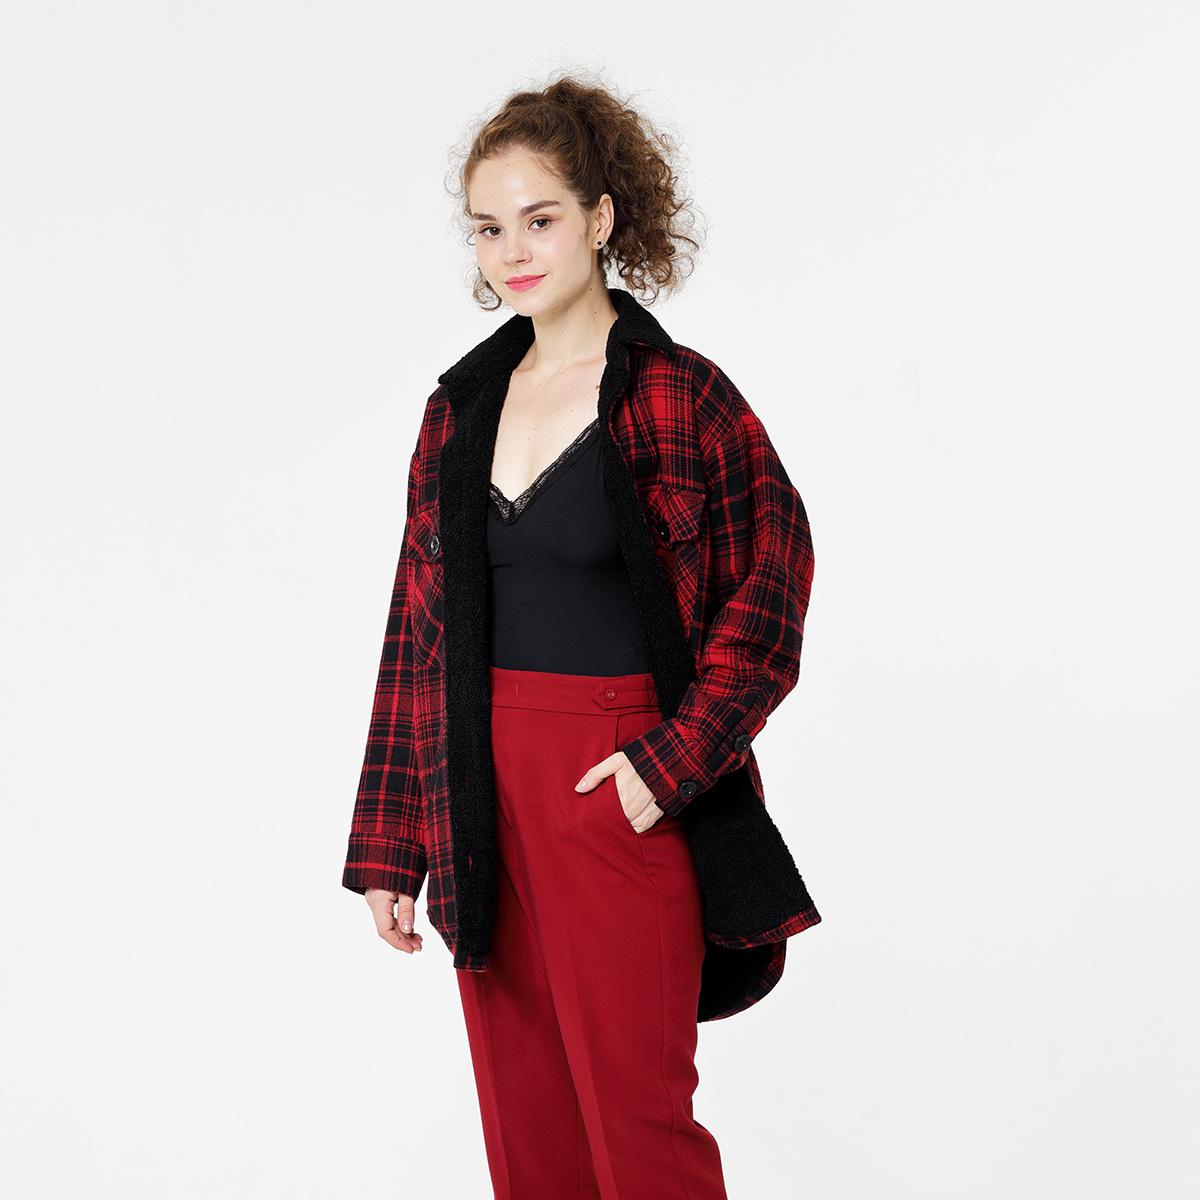 Women's fashion trousers